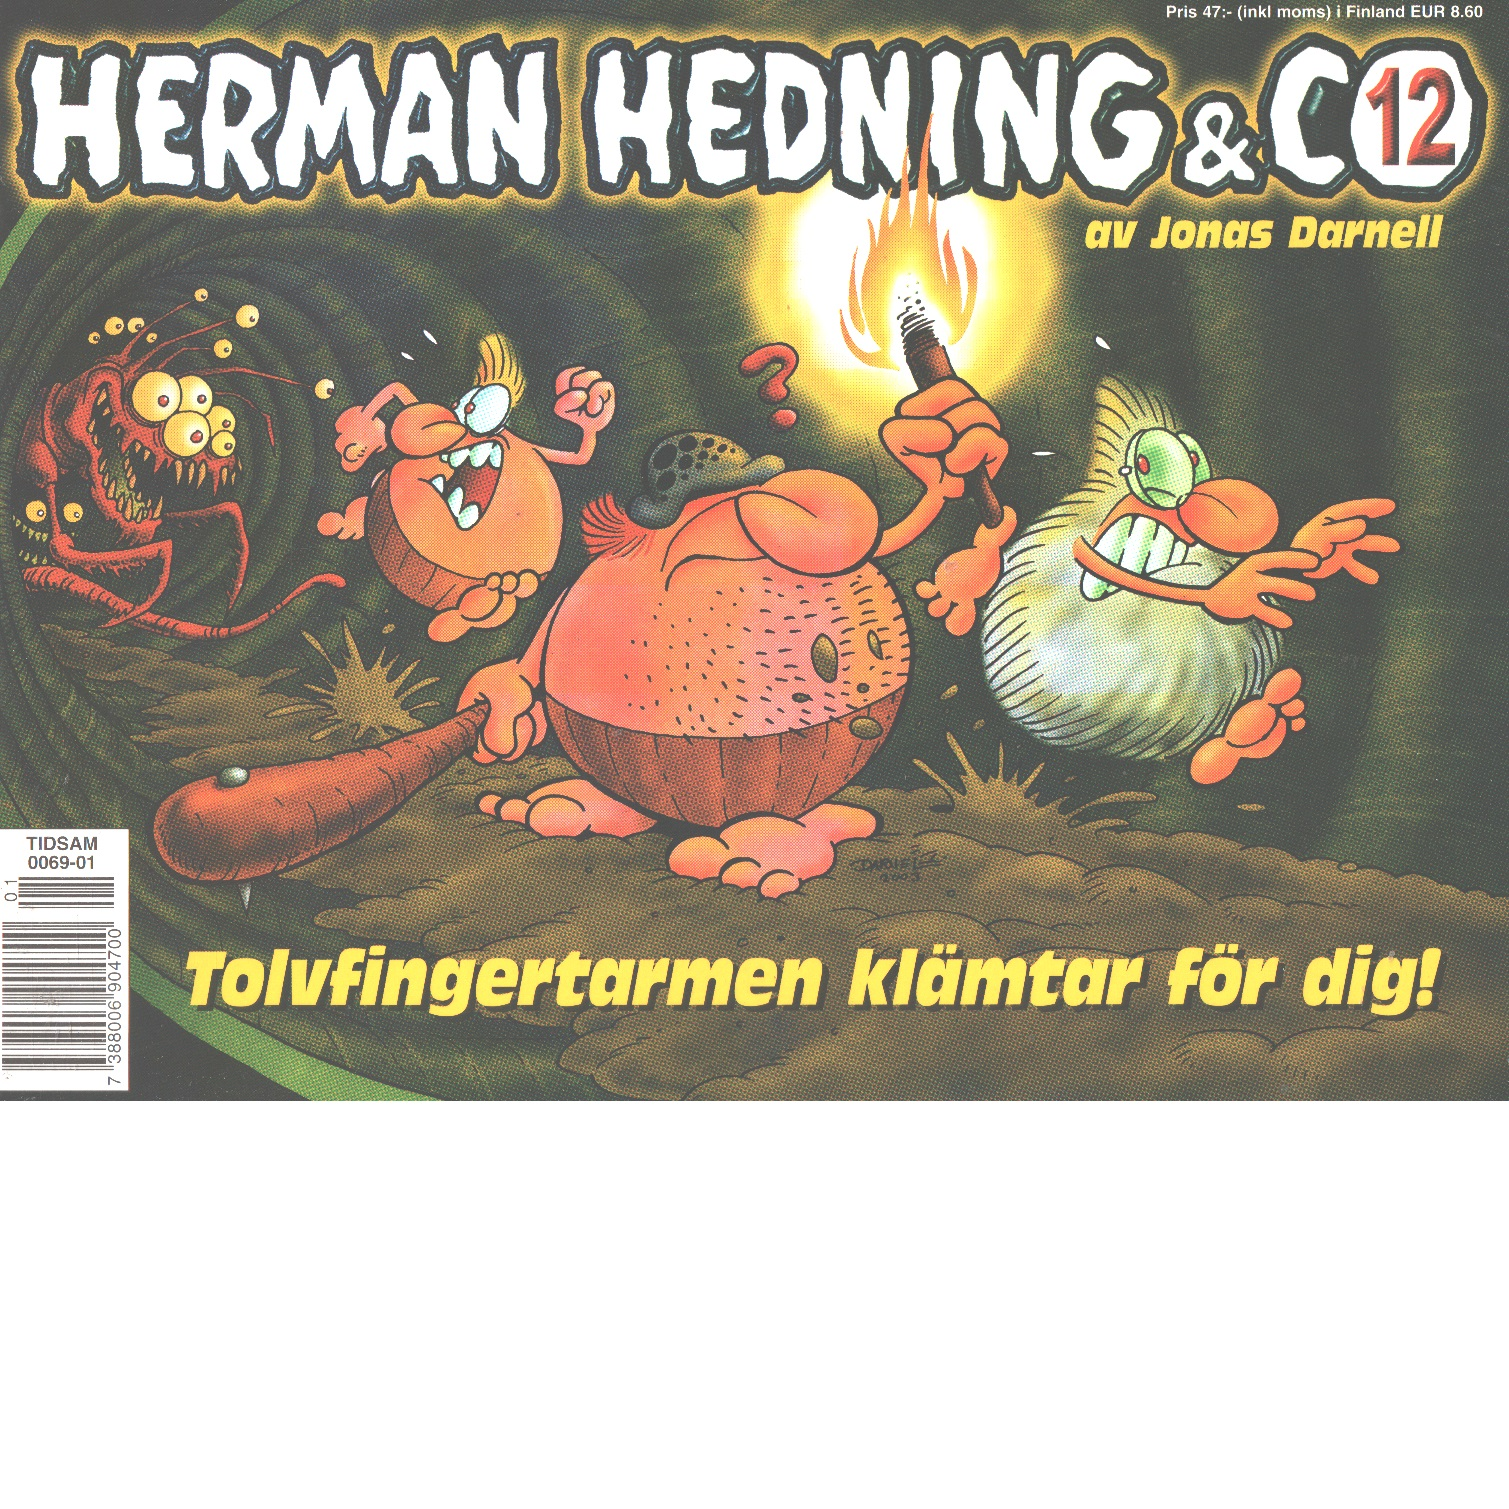 """Herman Hedning & Co. 12, """"Tolvfingertarmen klämtar för dig - Darnell, Jonas"""